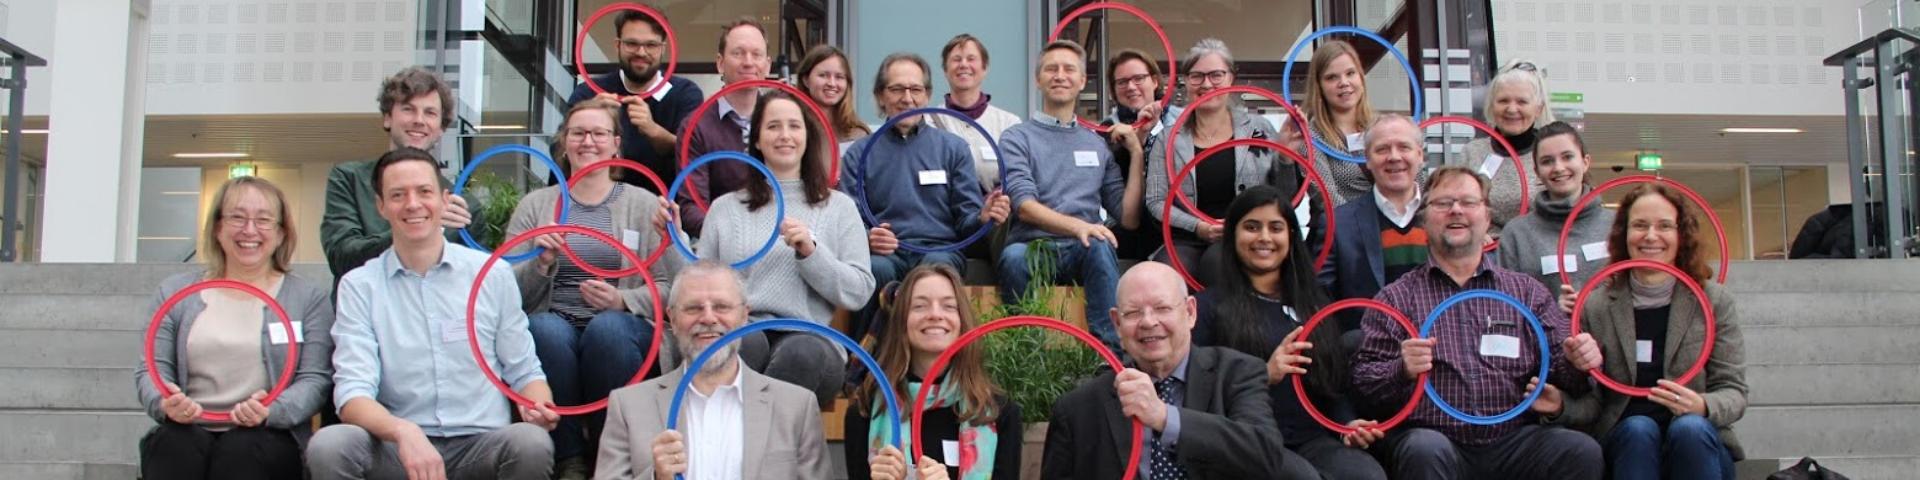 Gruppenfoto, Personen halten rote und blaue Ringe hoch